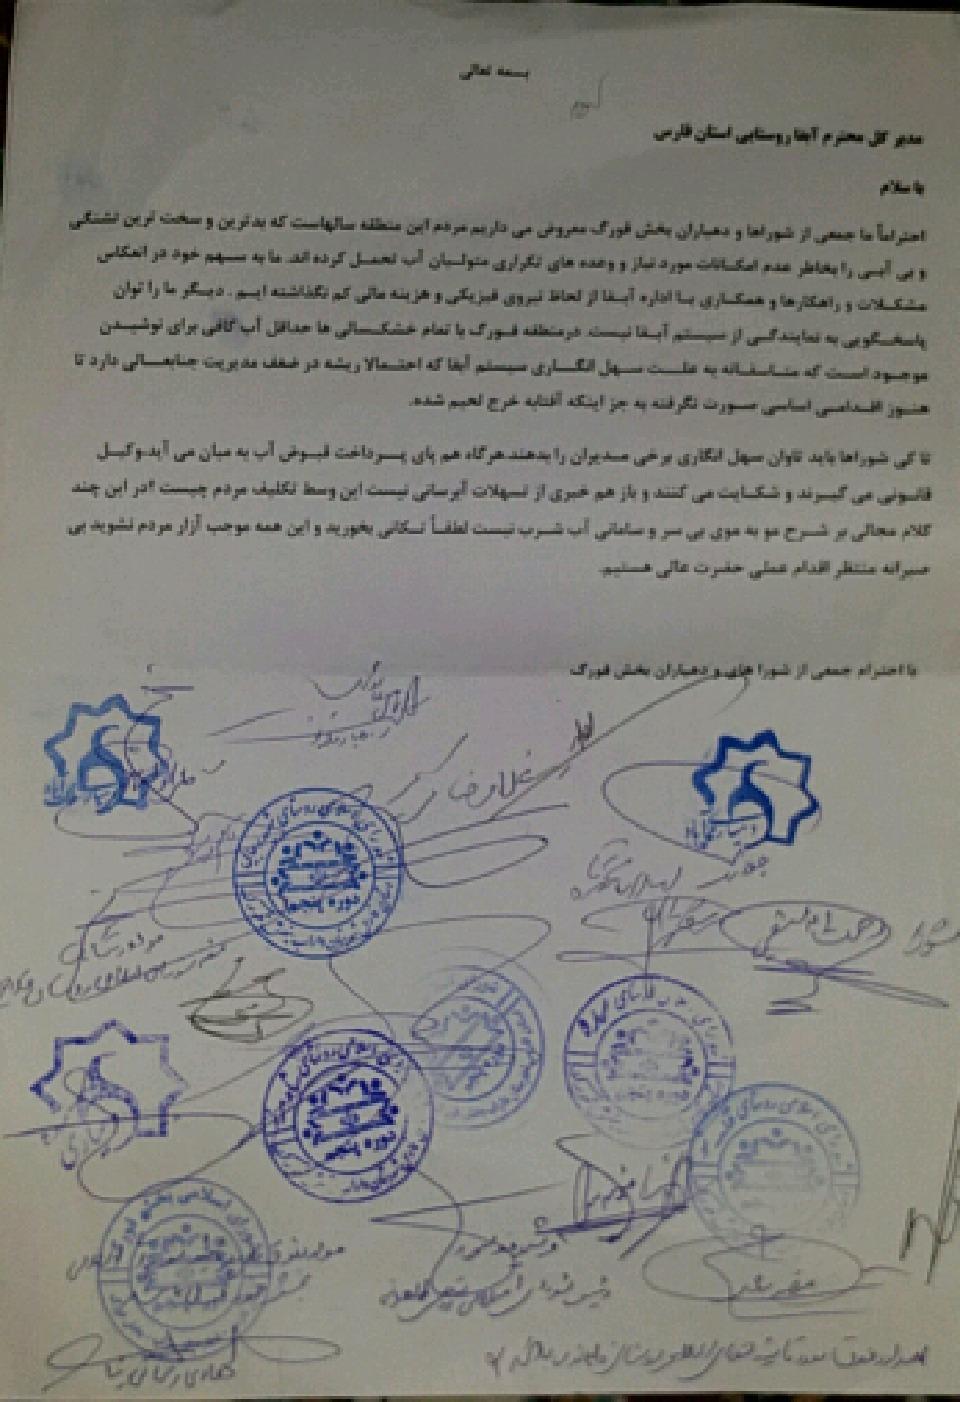 جمعی از شوراهای بخش فورگ در نامه ای خطاب به مدیر کل آبفا روستایی استان فارس به عملکرد این مدیریت اعتراض کردند